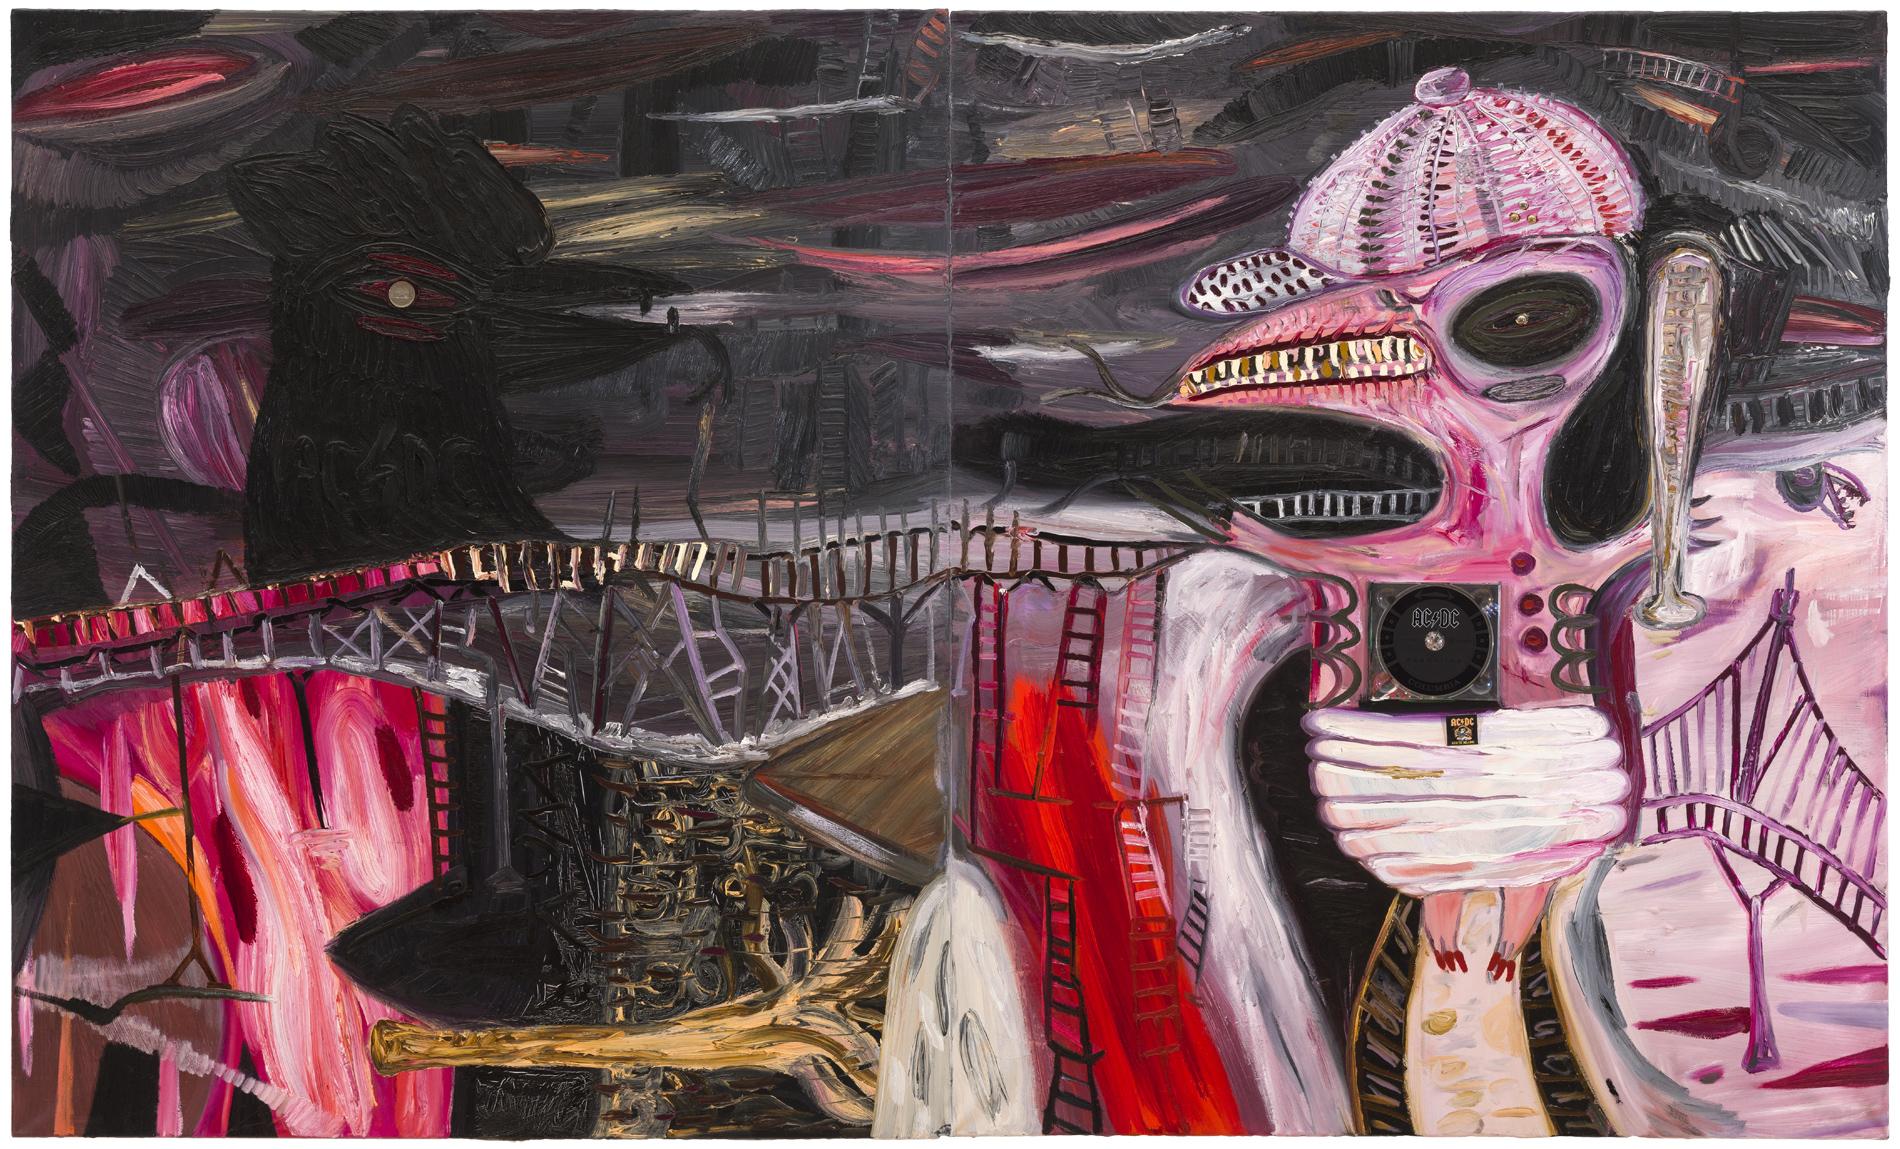 Abdul Vas. Rock ´N´ Roll. '83 Rock n`Roll Truck, 2008 (diptych)